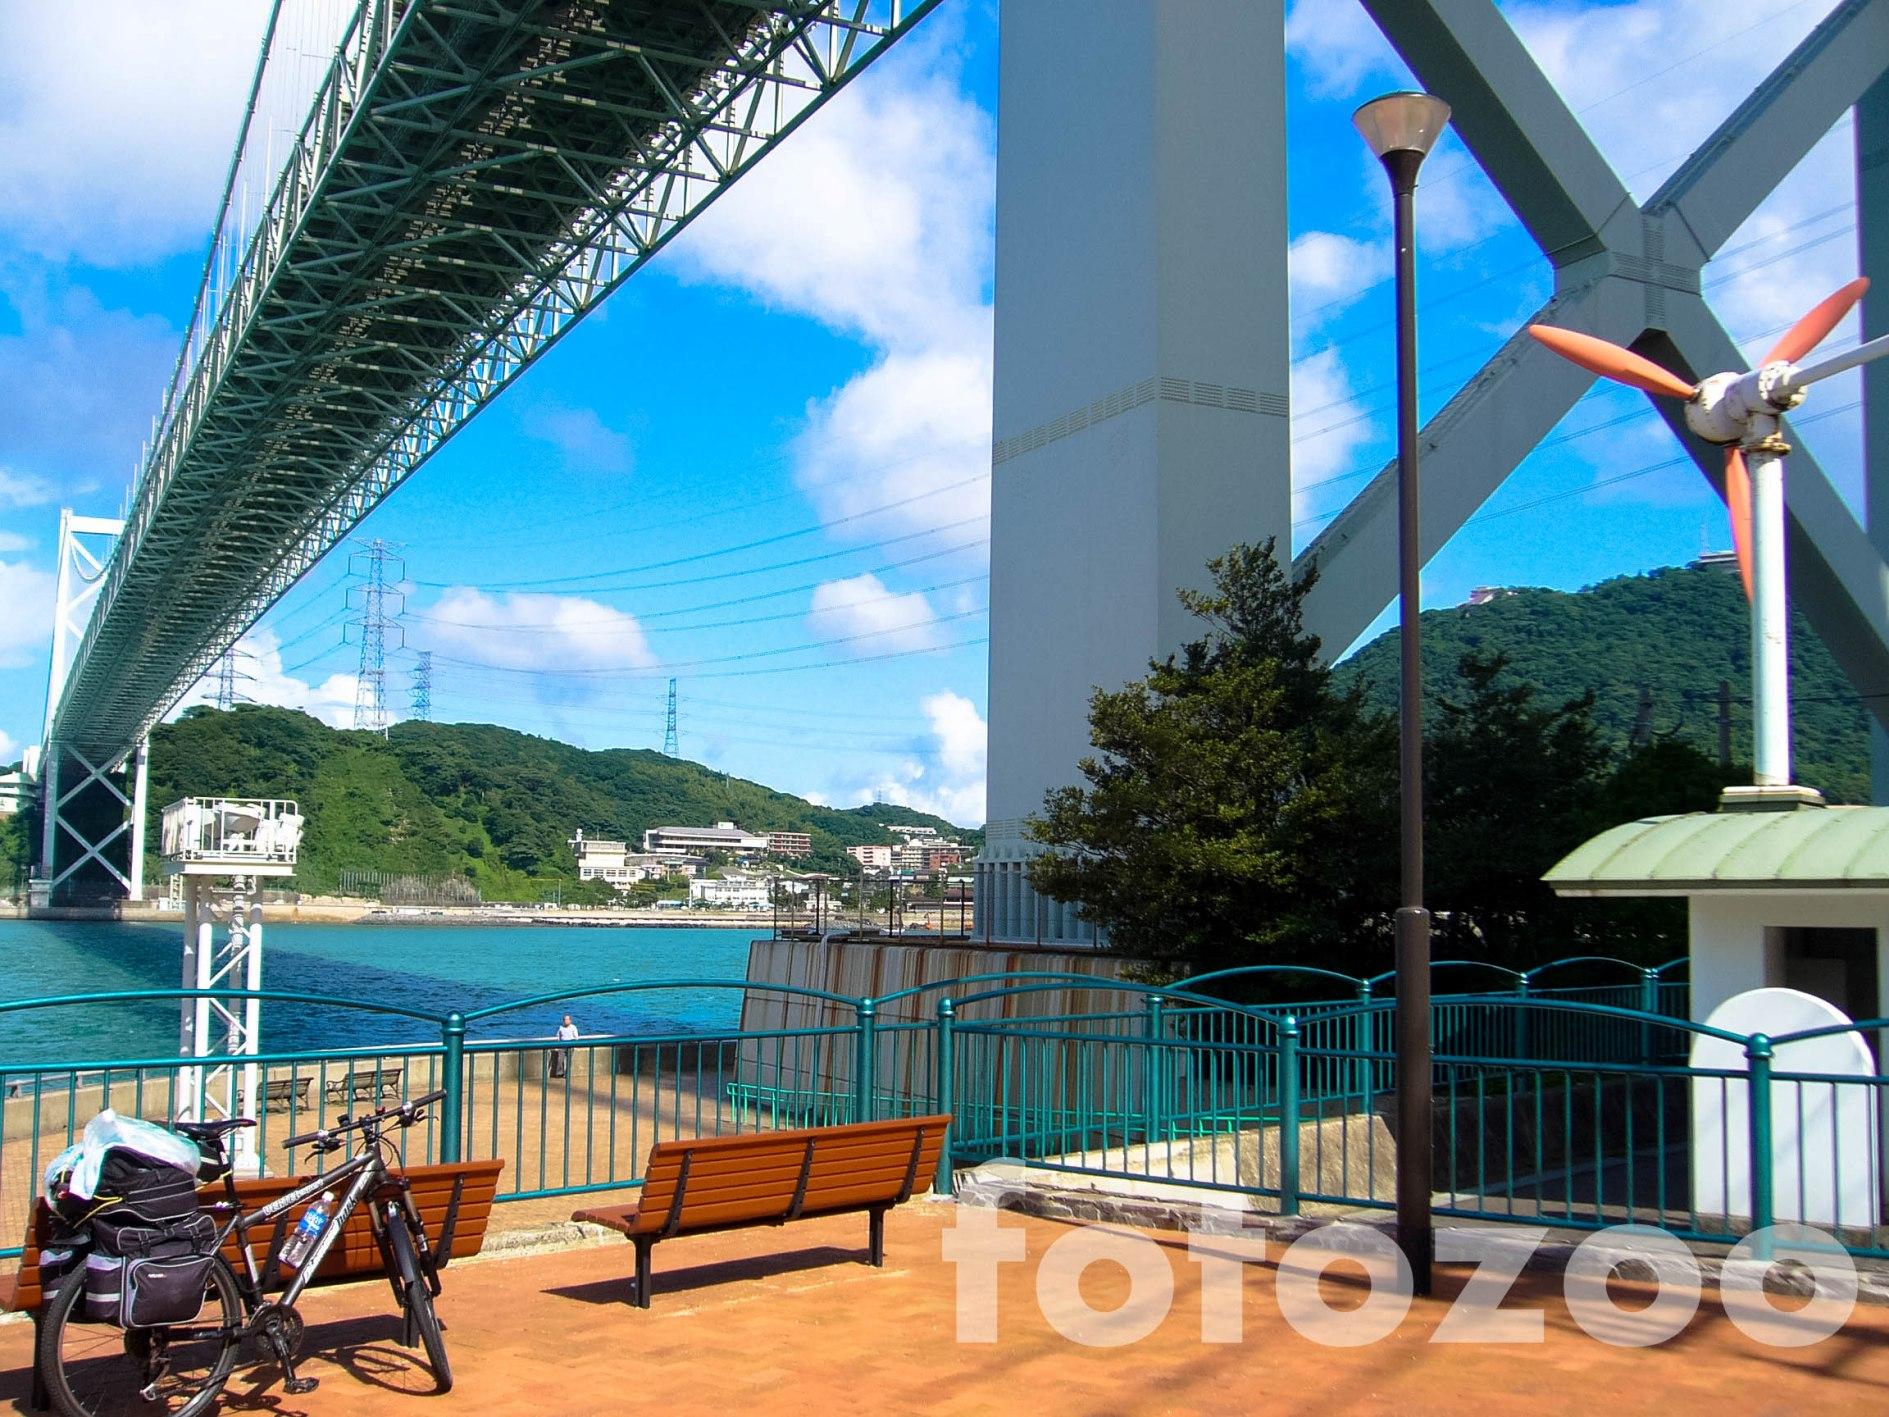 A Honshut Kyushuval összekötő híd, Kitakyushu városából nézve.